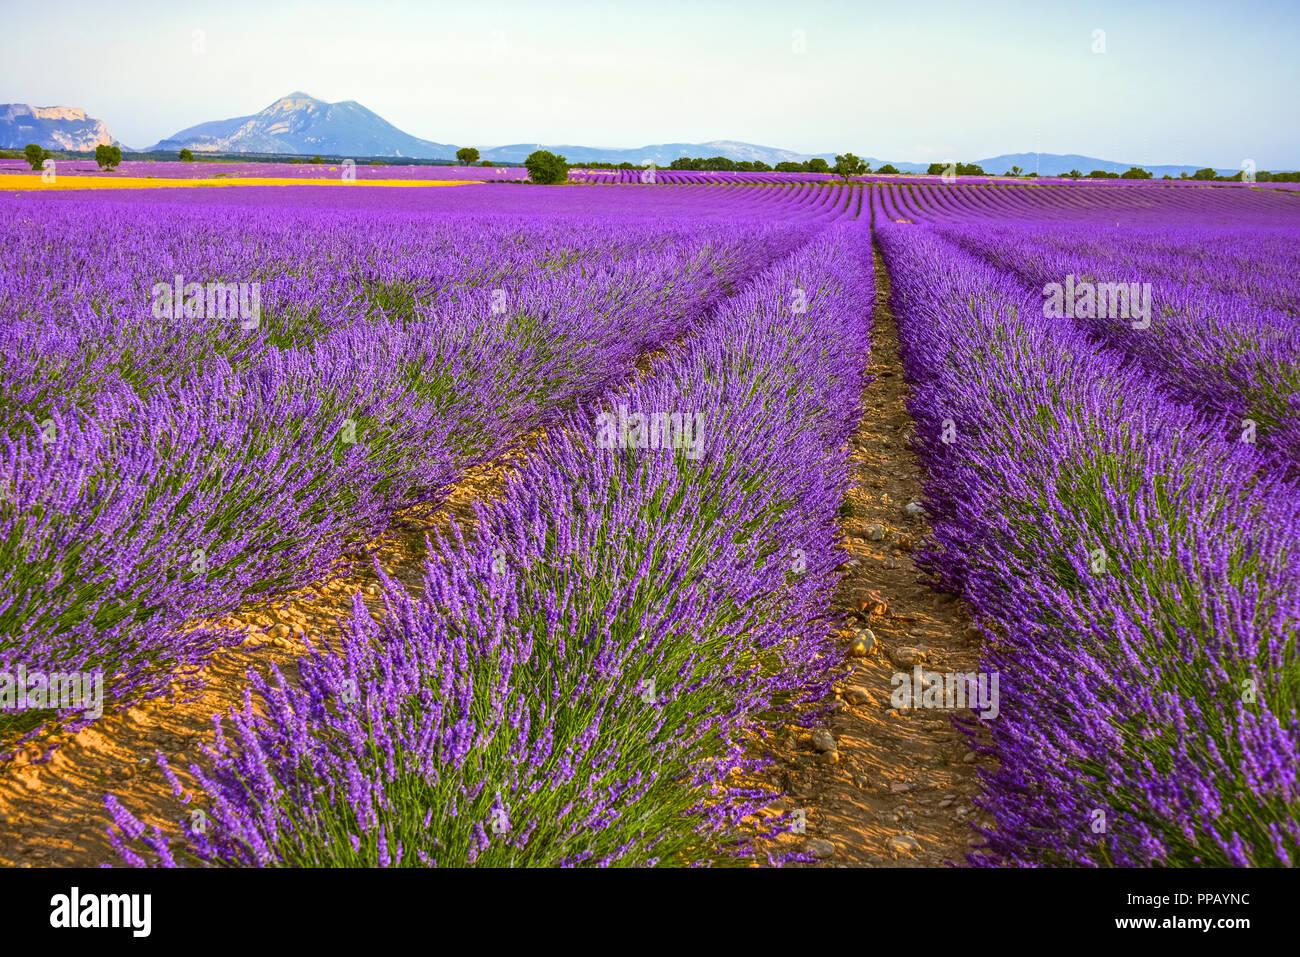 D'immenses champs de lavande à l'horizon dans la région autour de Valensole, Provence, France Photo Stock